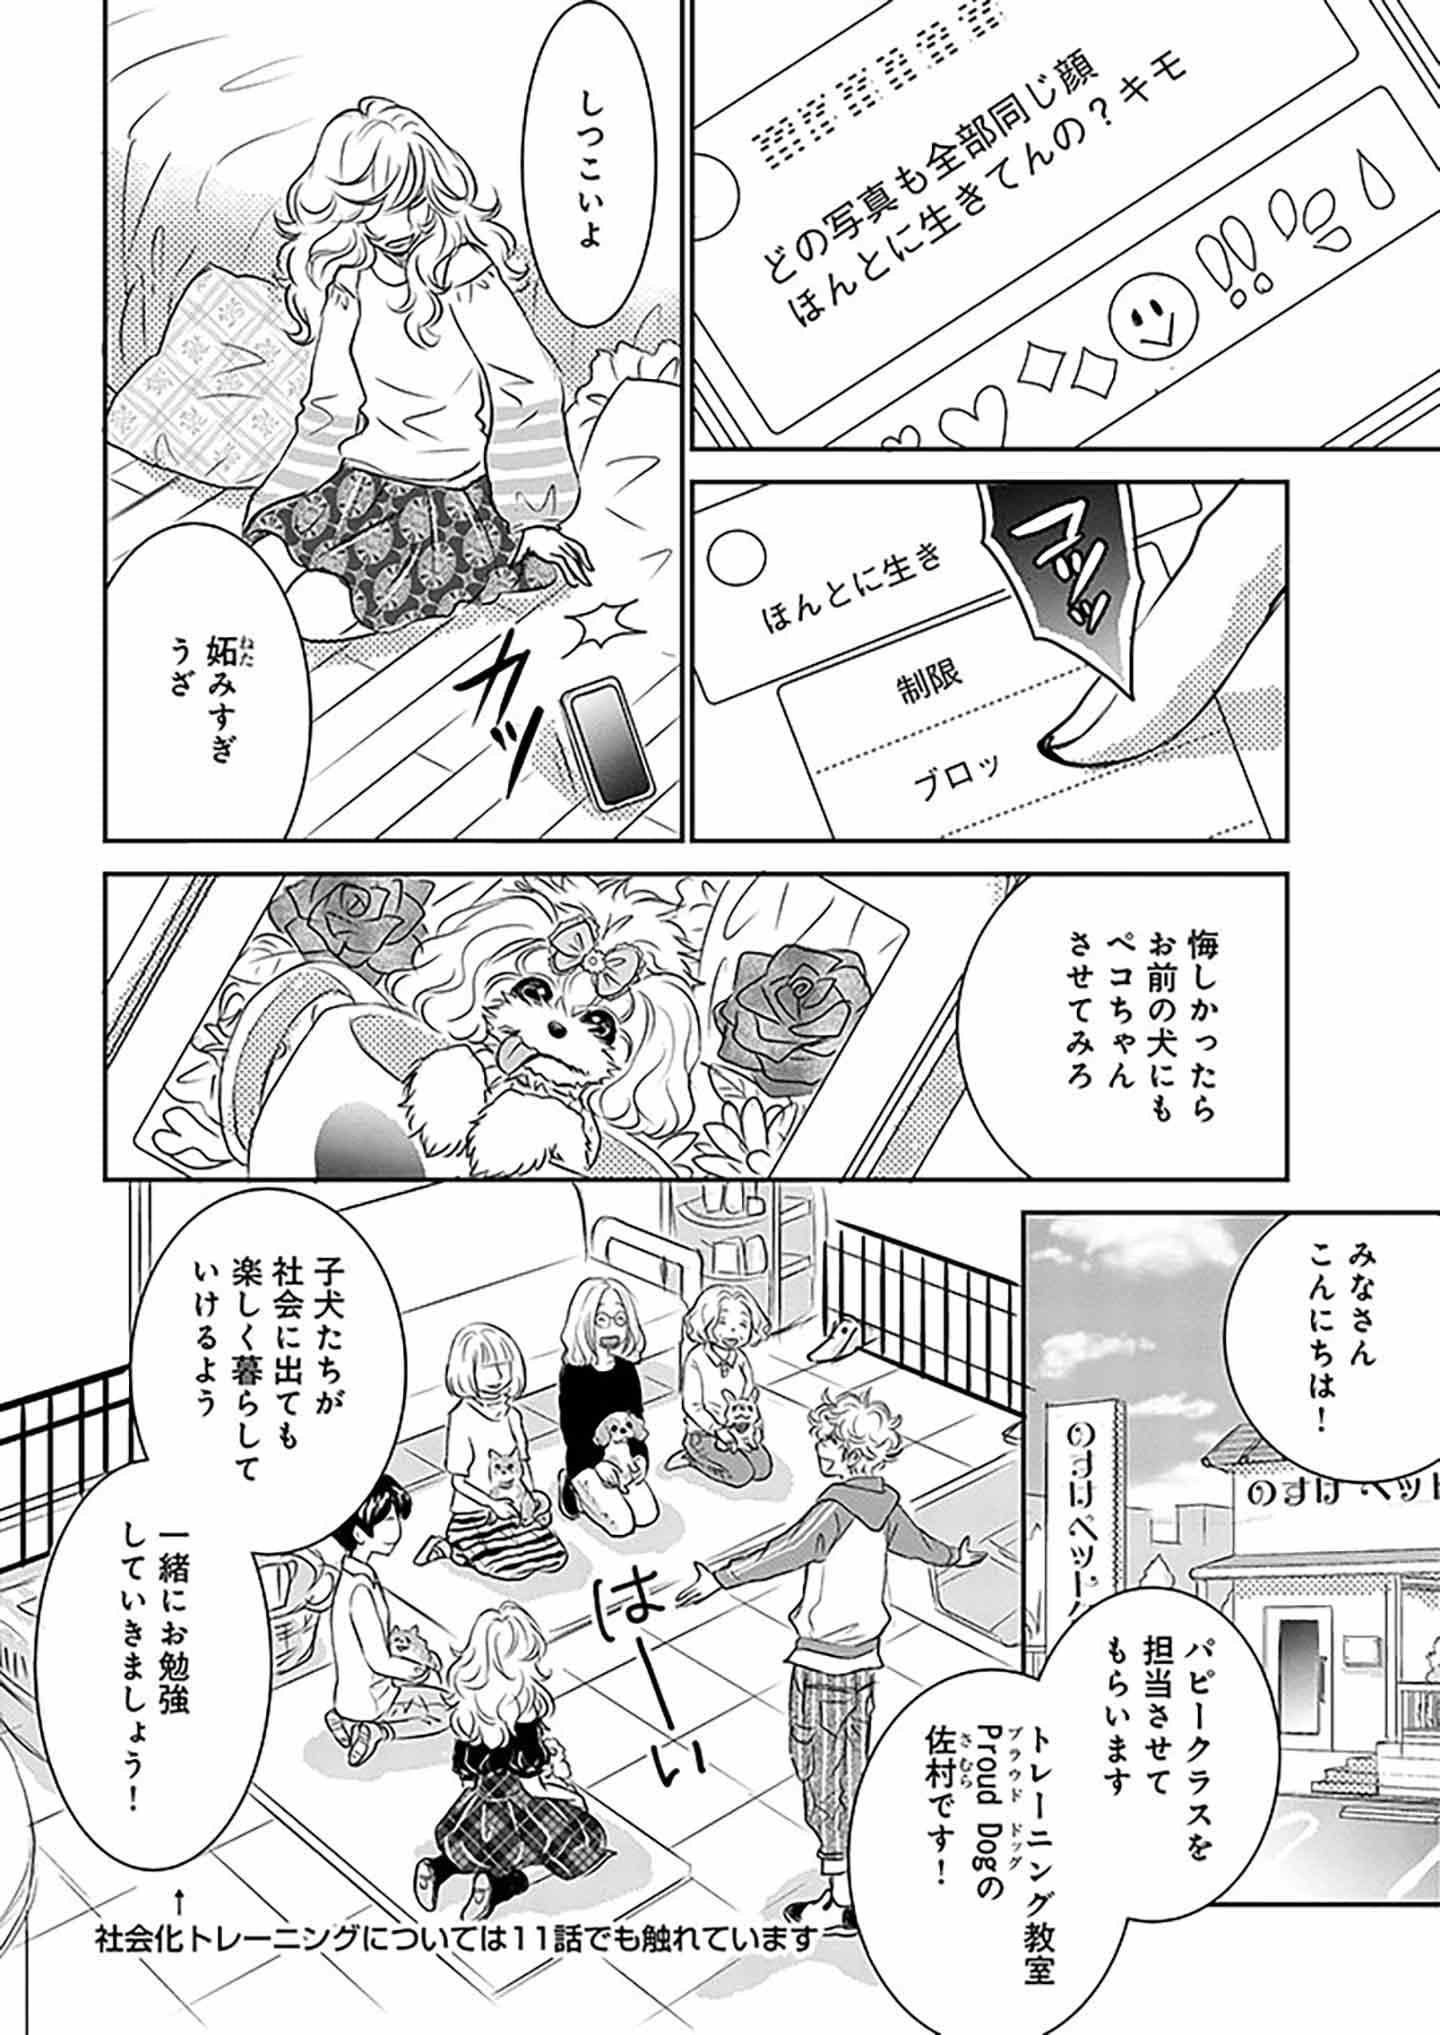 『DOG SIGNAL』16話目③ 2ページ目